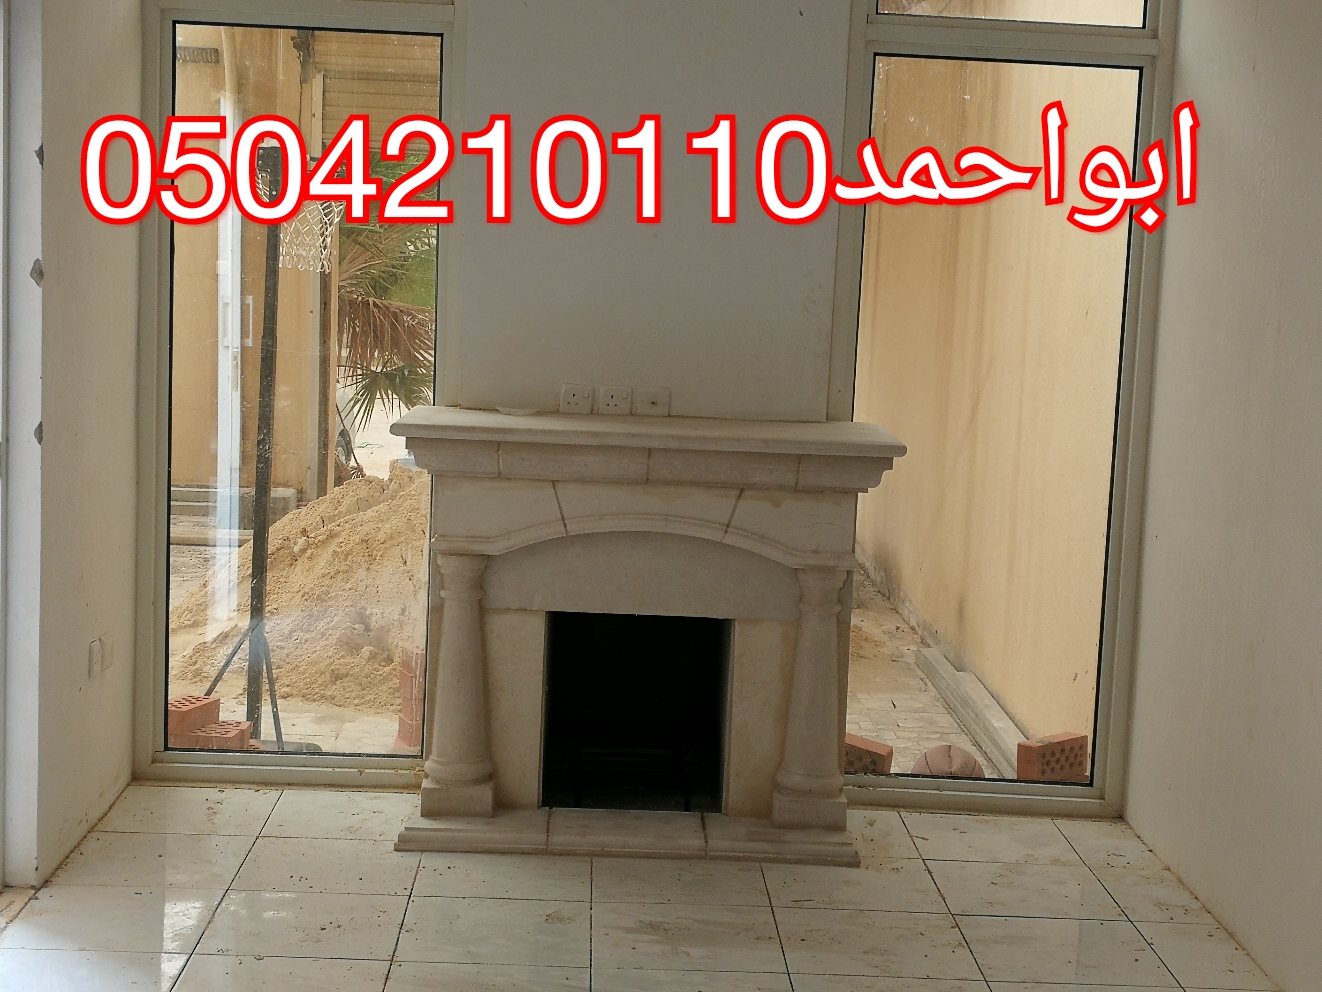 ديكورات مشبات تراثيه ديكورات مشبات شعبيه0504210110